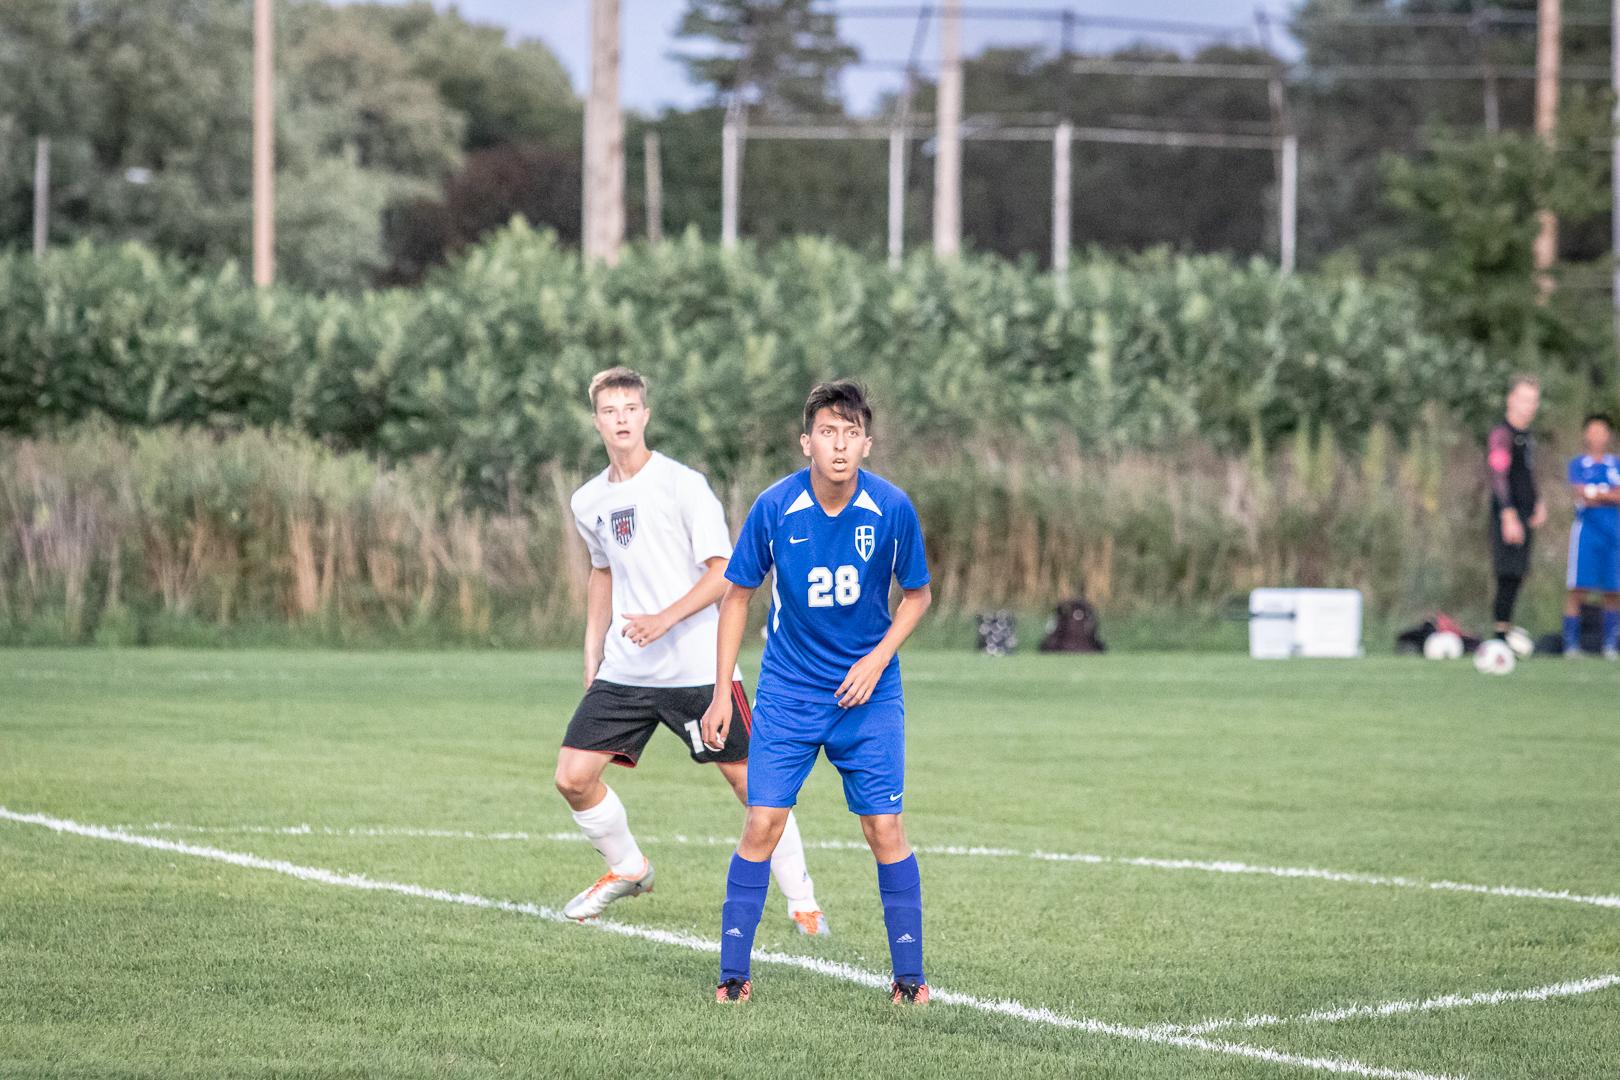 Marian-Varsity-Boys-Soccer-9660.jpg